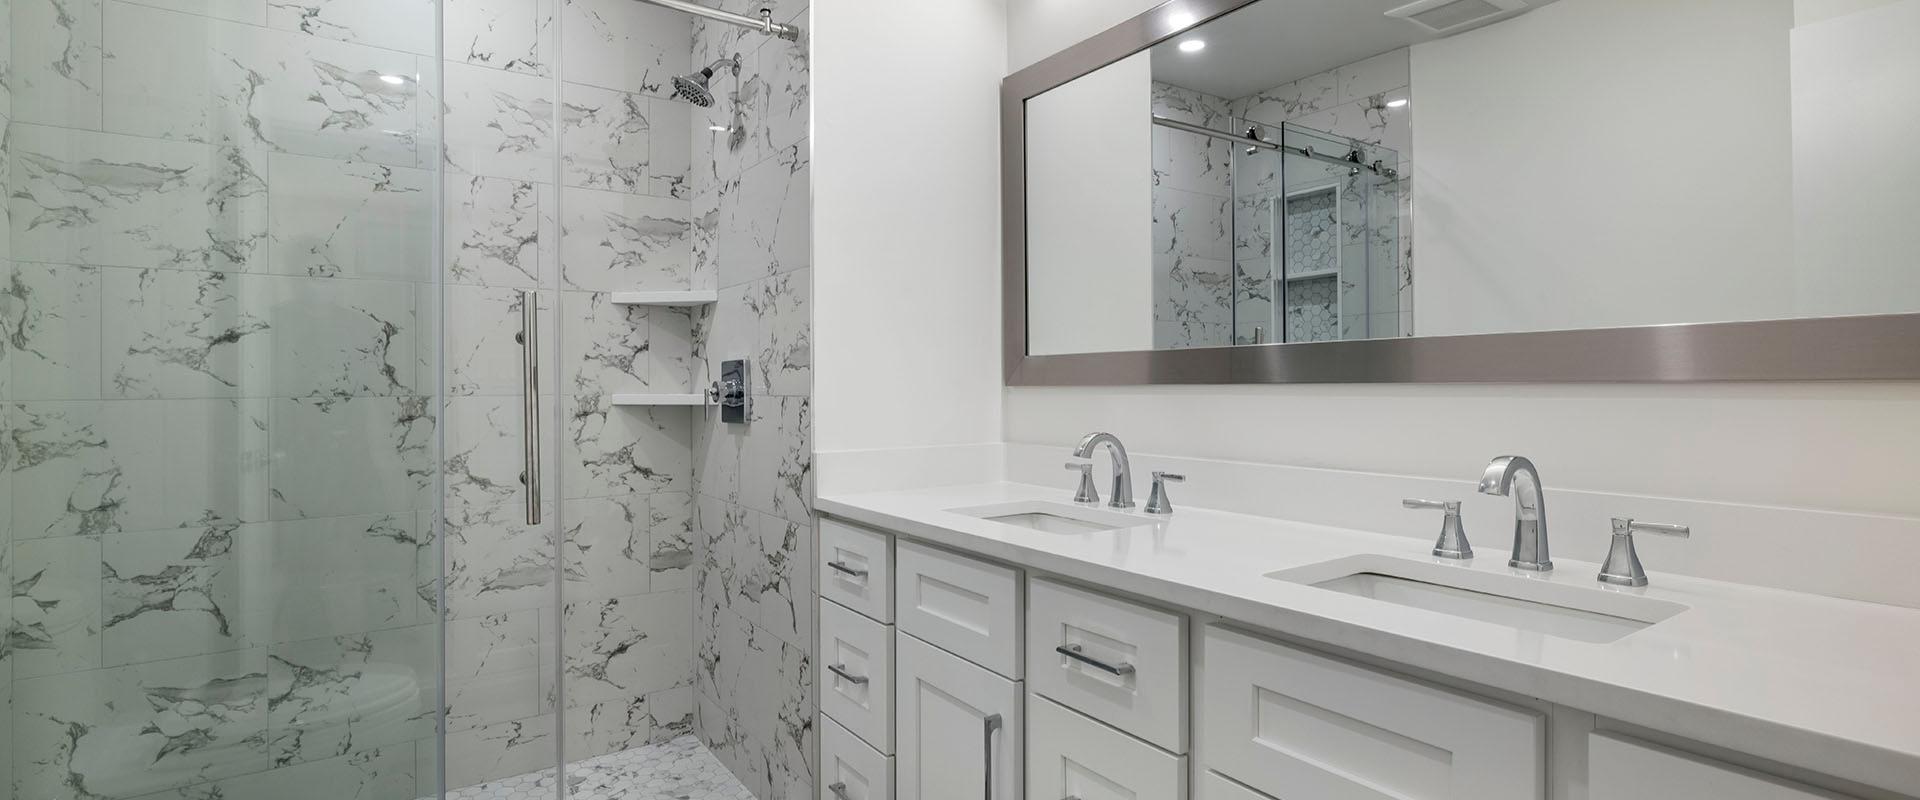 Bathroom Remodel in Reston, VA